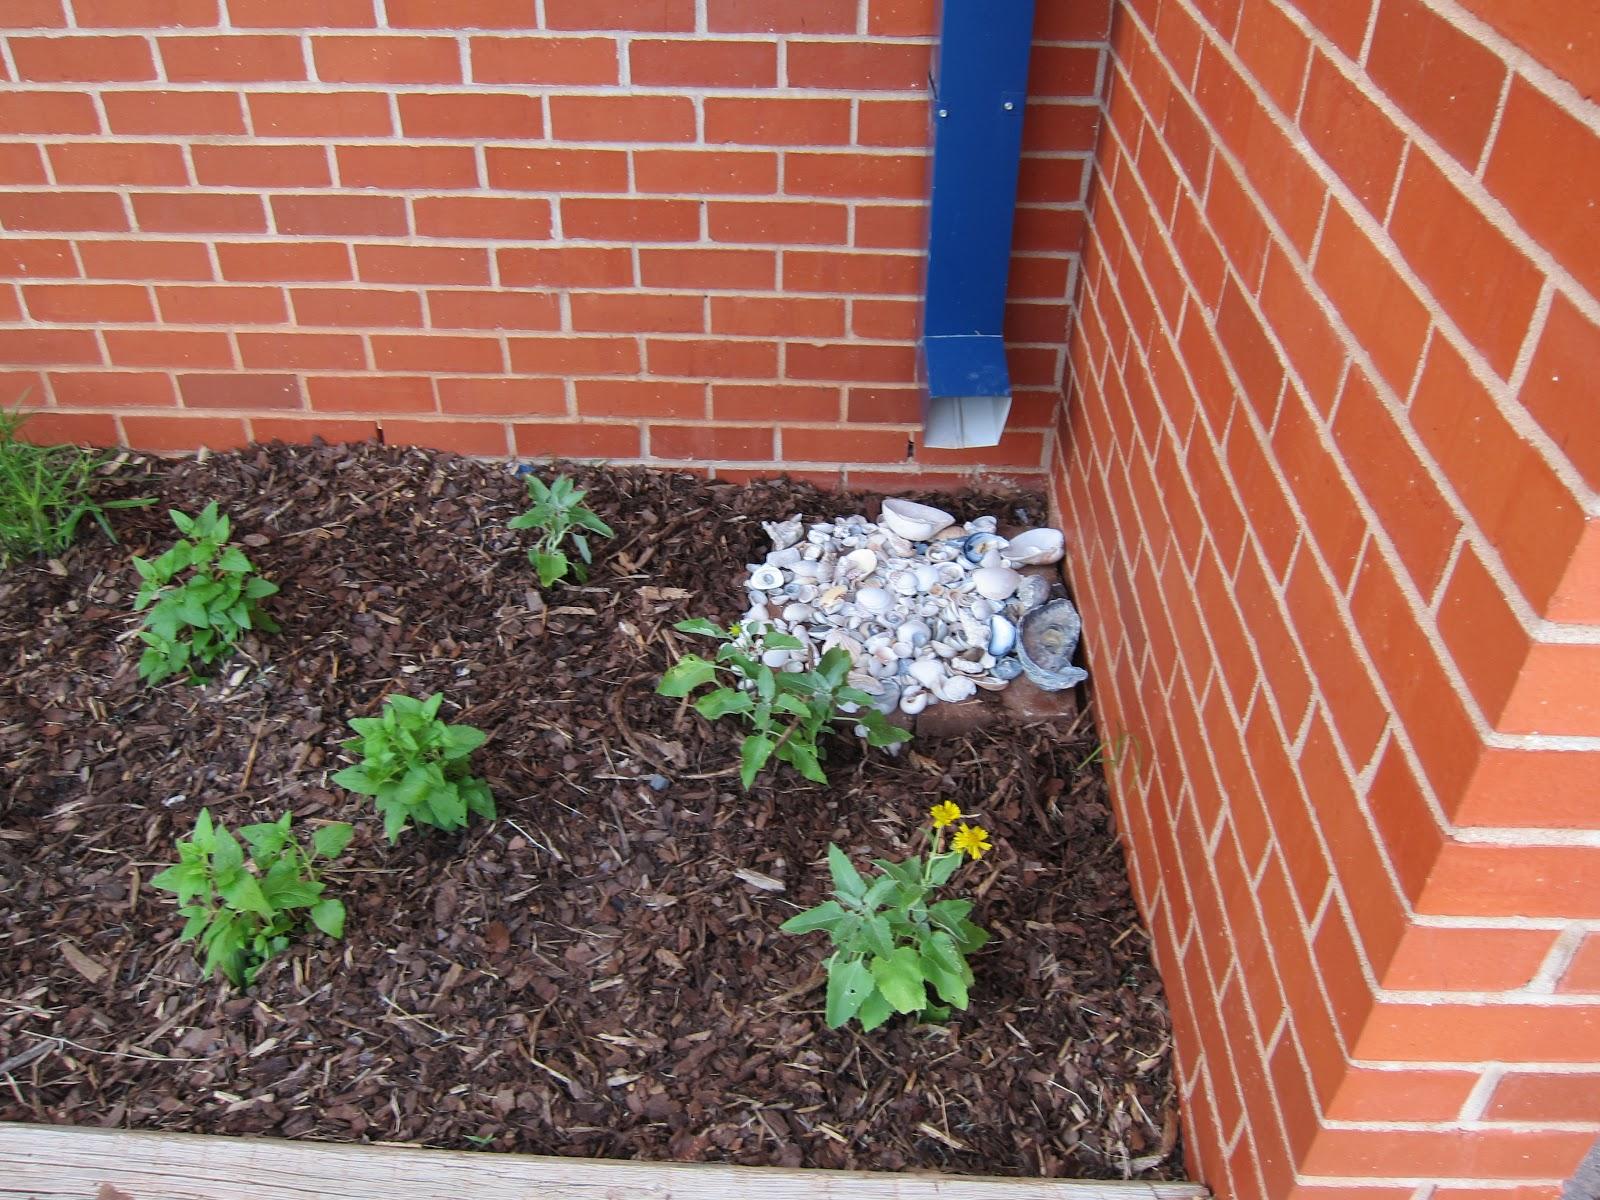 Butterfly Garden Project - Cordell Elementary School: Gutter Problem ...